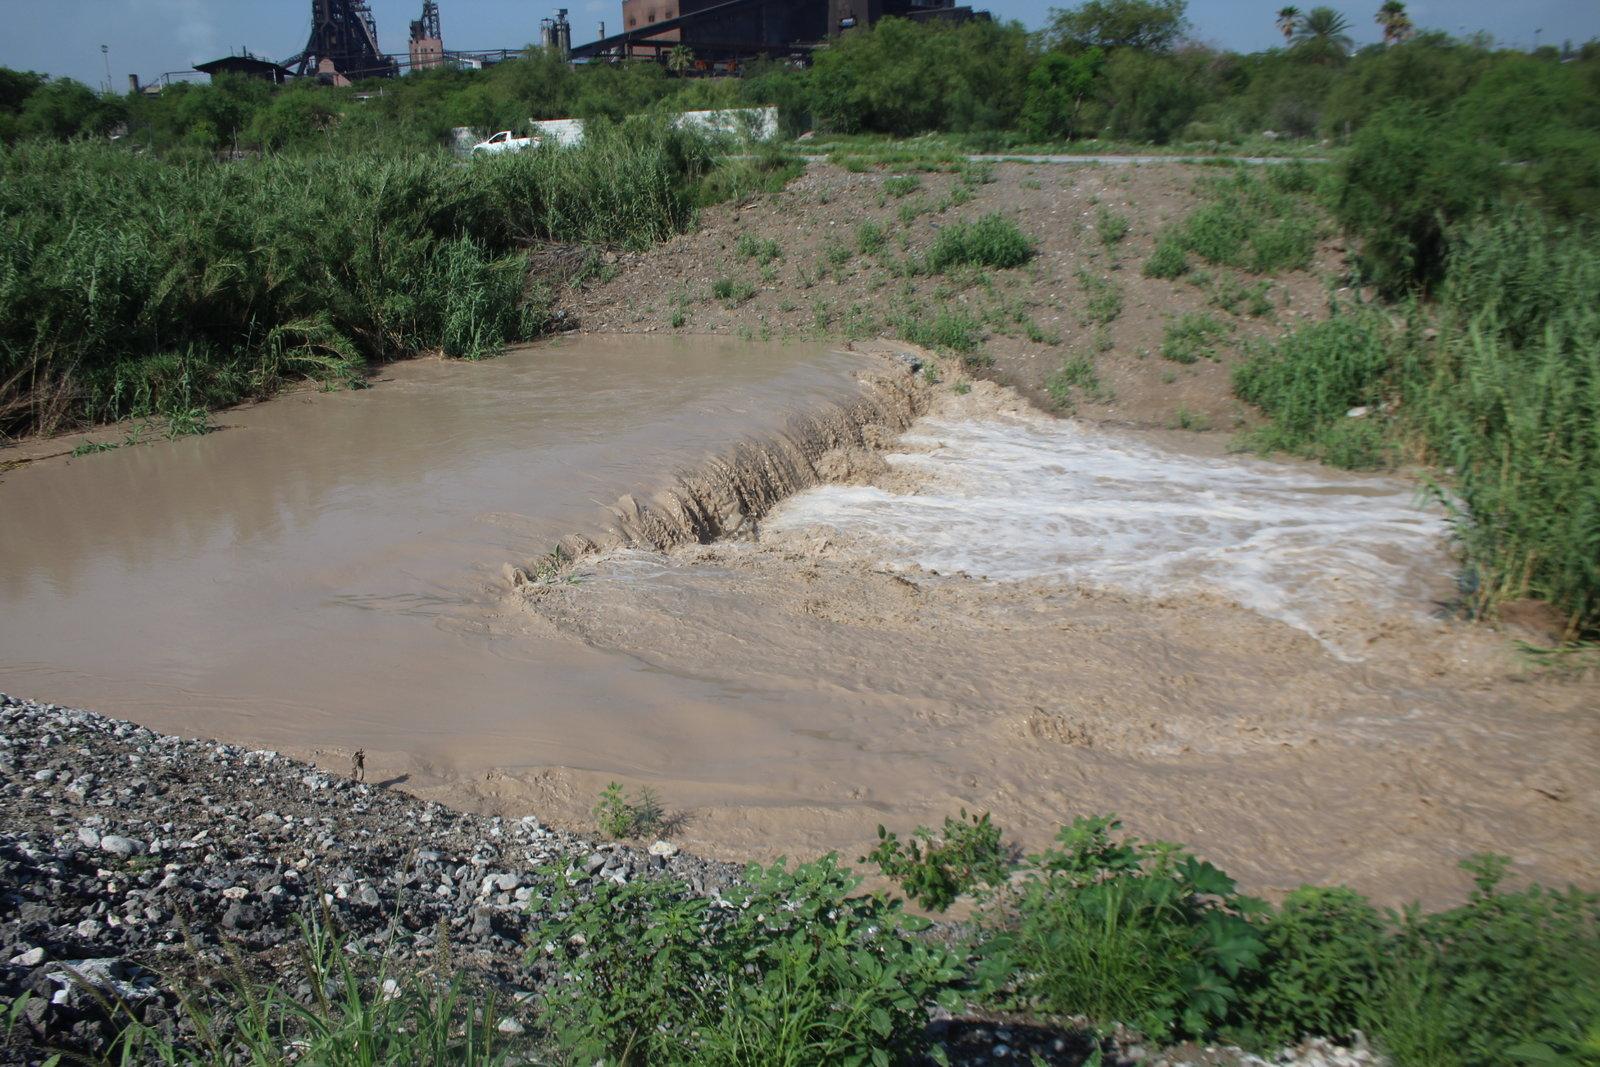 La creciente en el río Monclova movilizó a bomberos